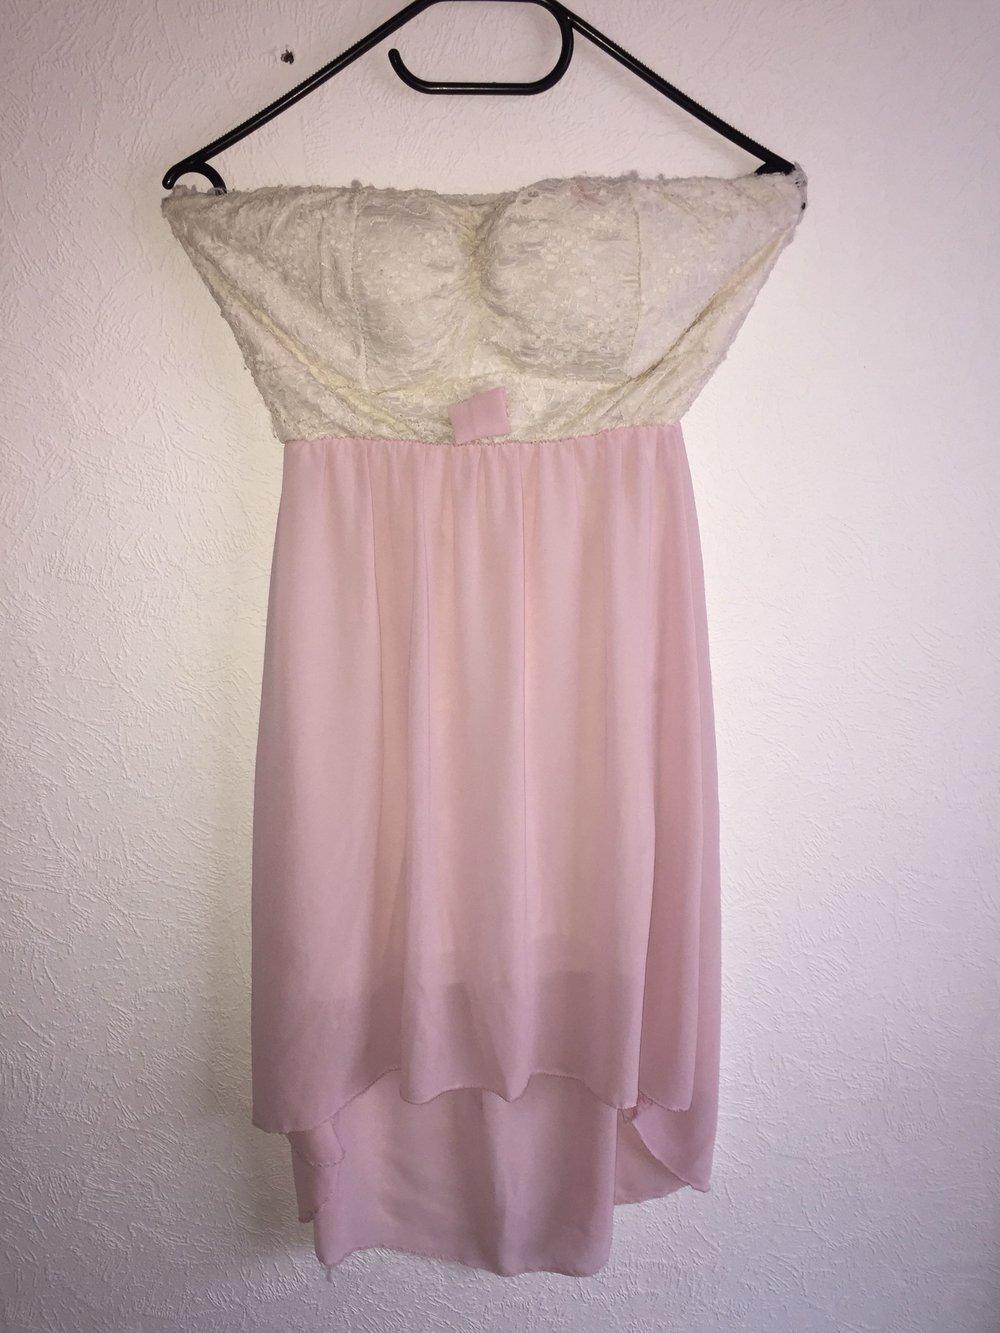 hübsches rosa vokuhila kleid weiß spitze